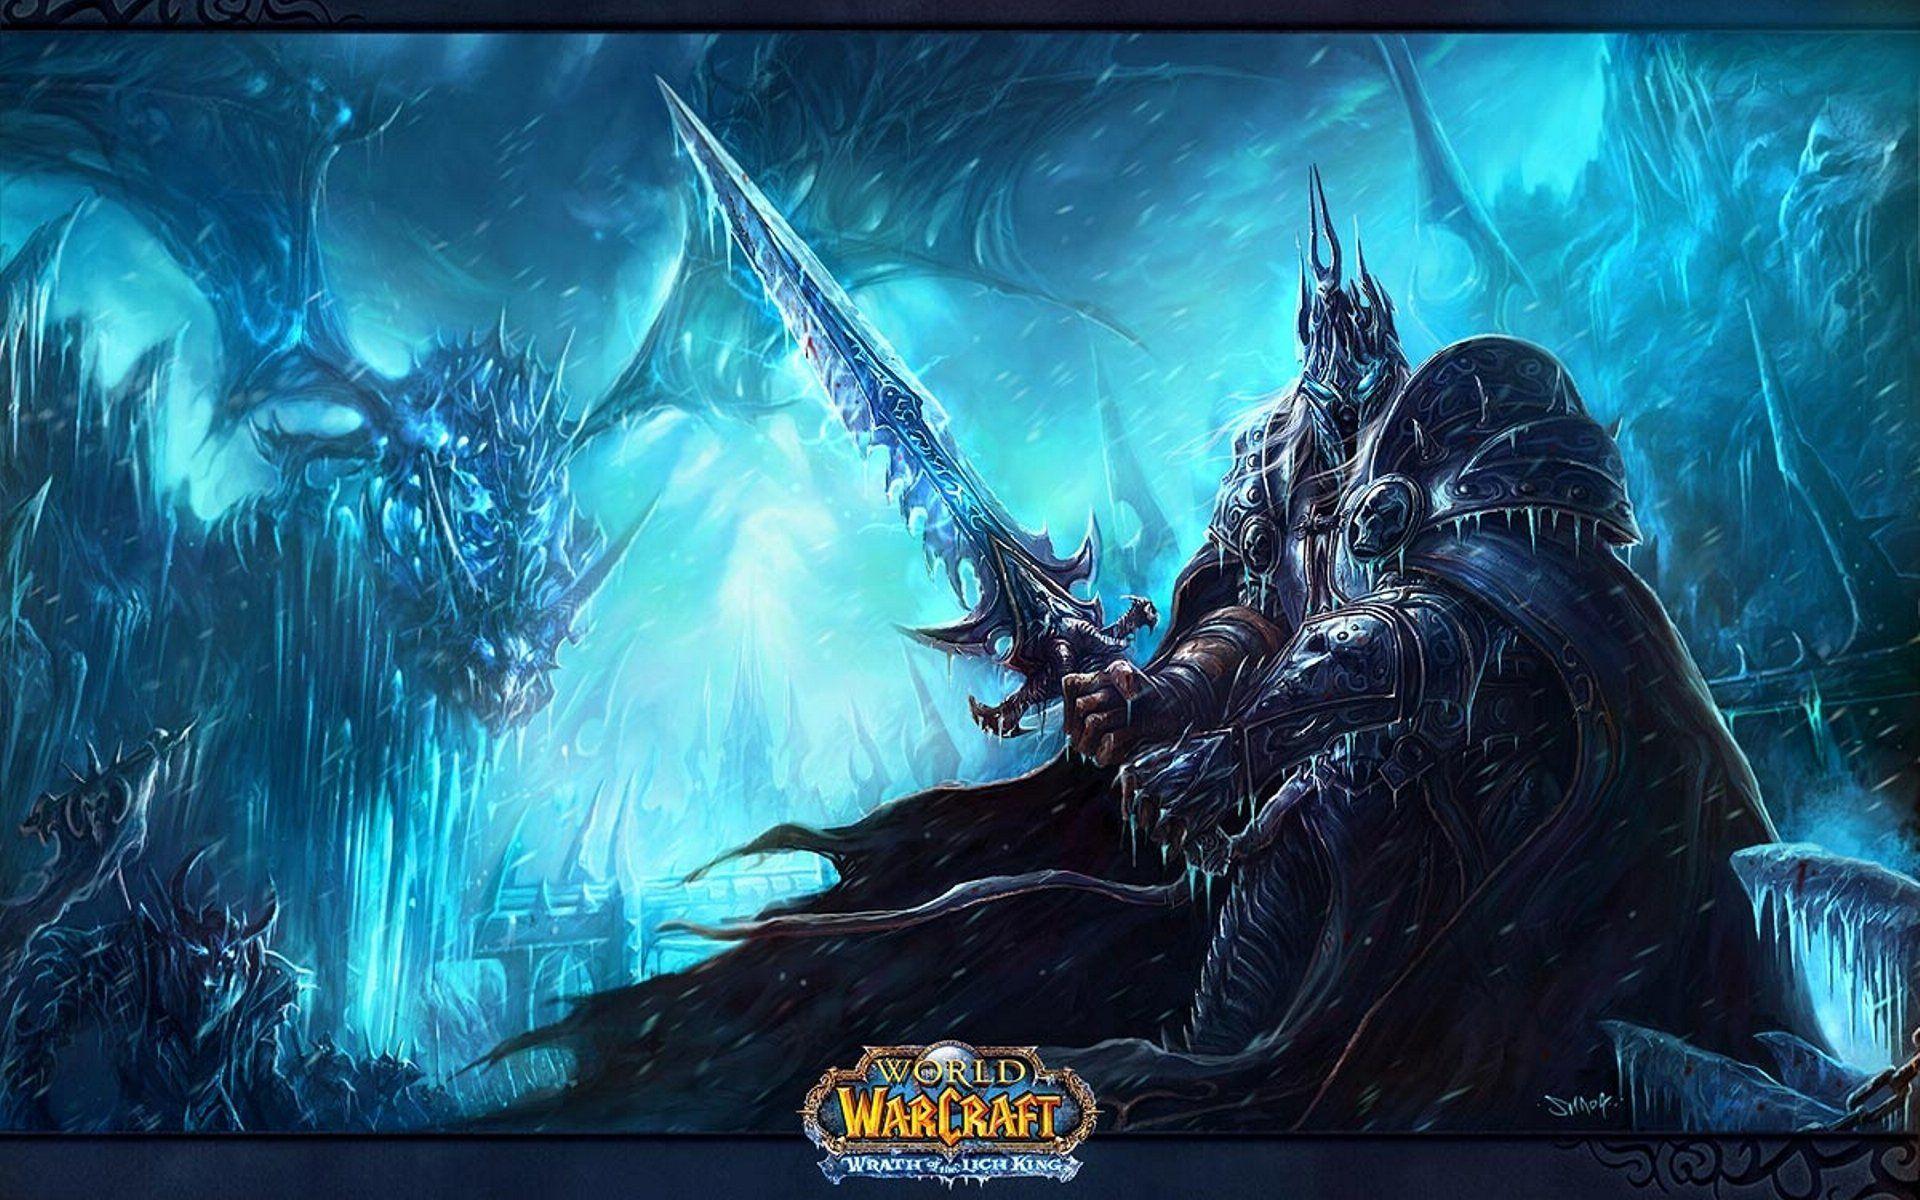 World Of Warcraft Desktop Wallpaper: Lich King HD Wallpapers Backgrounds Wallpaper